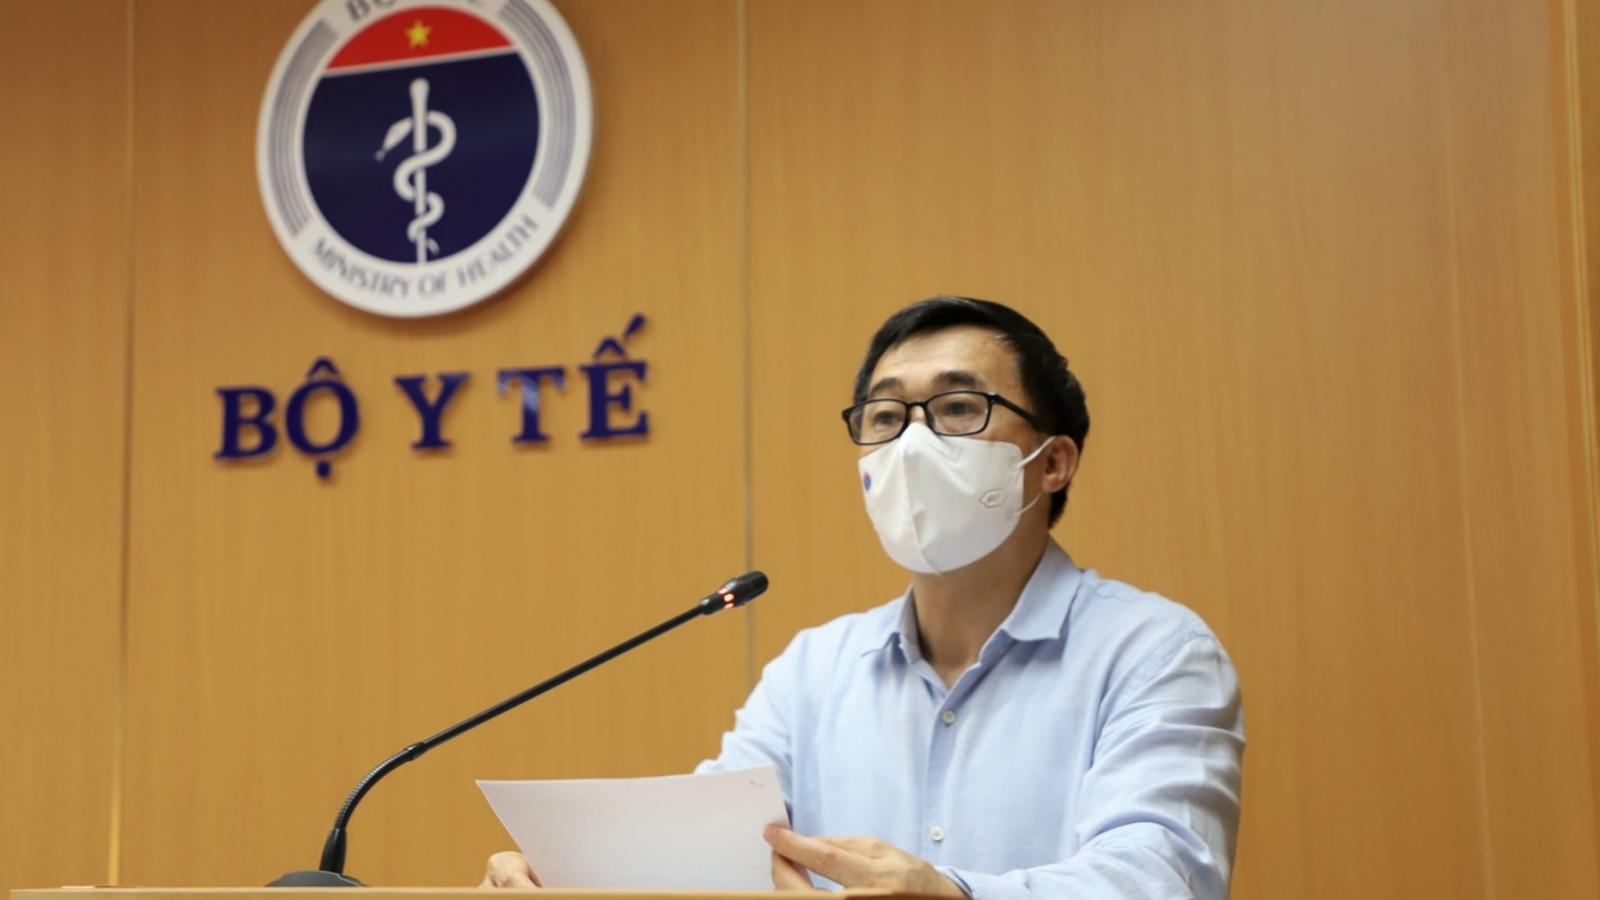 Bộ Y tế đã có chỉ đạo gì về giá xét nghiệm nhanh kháng nguyên?